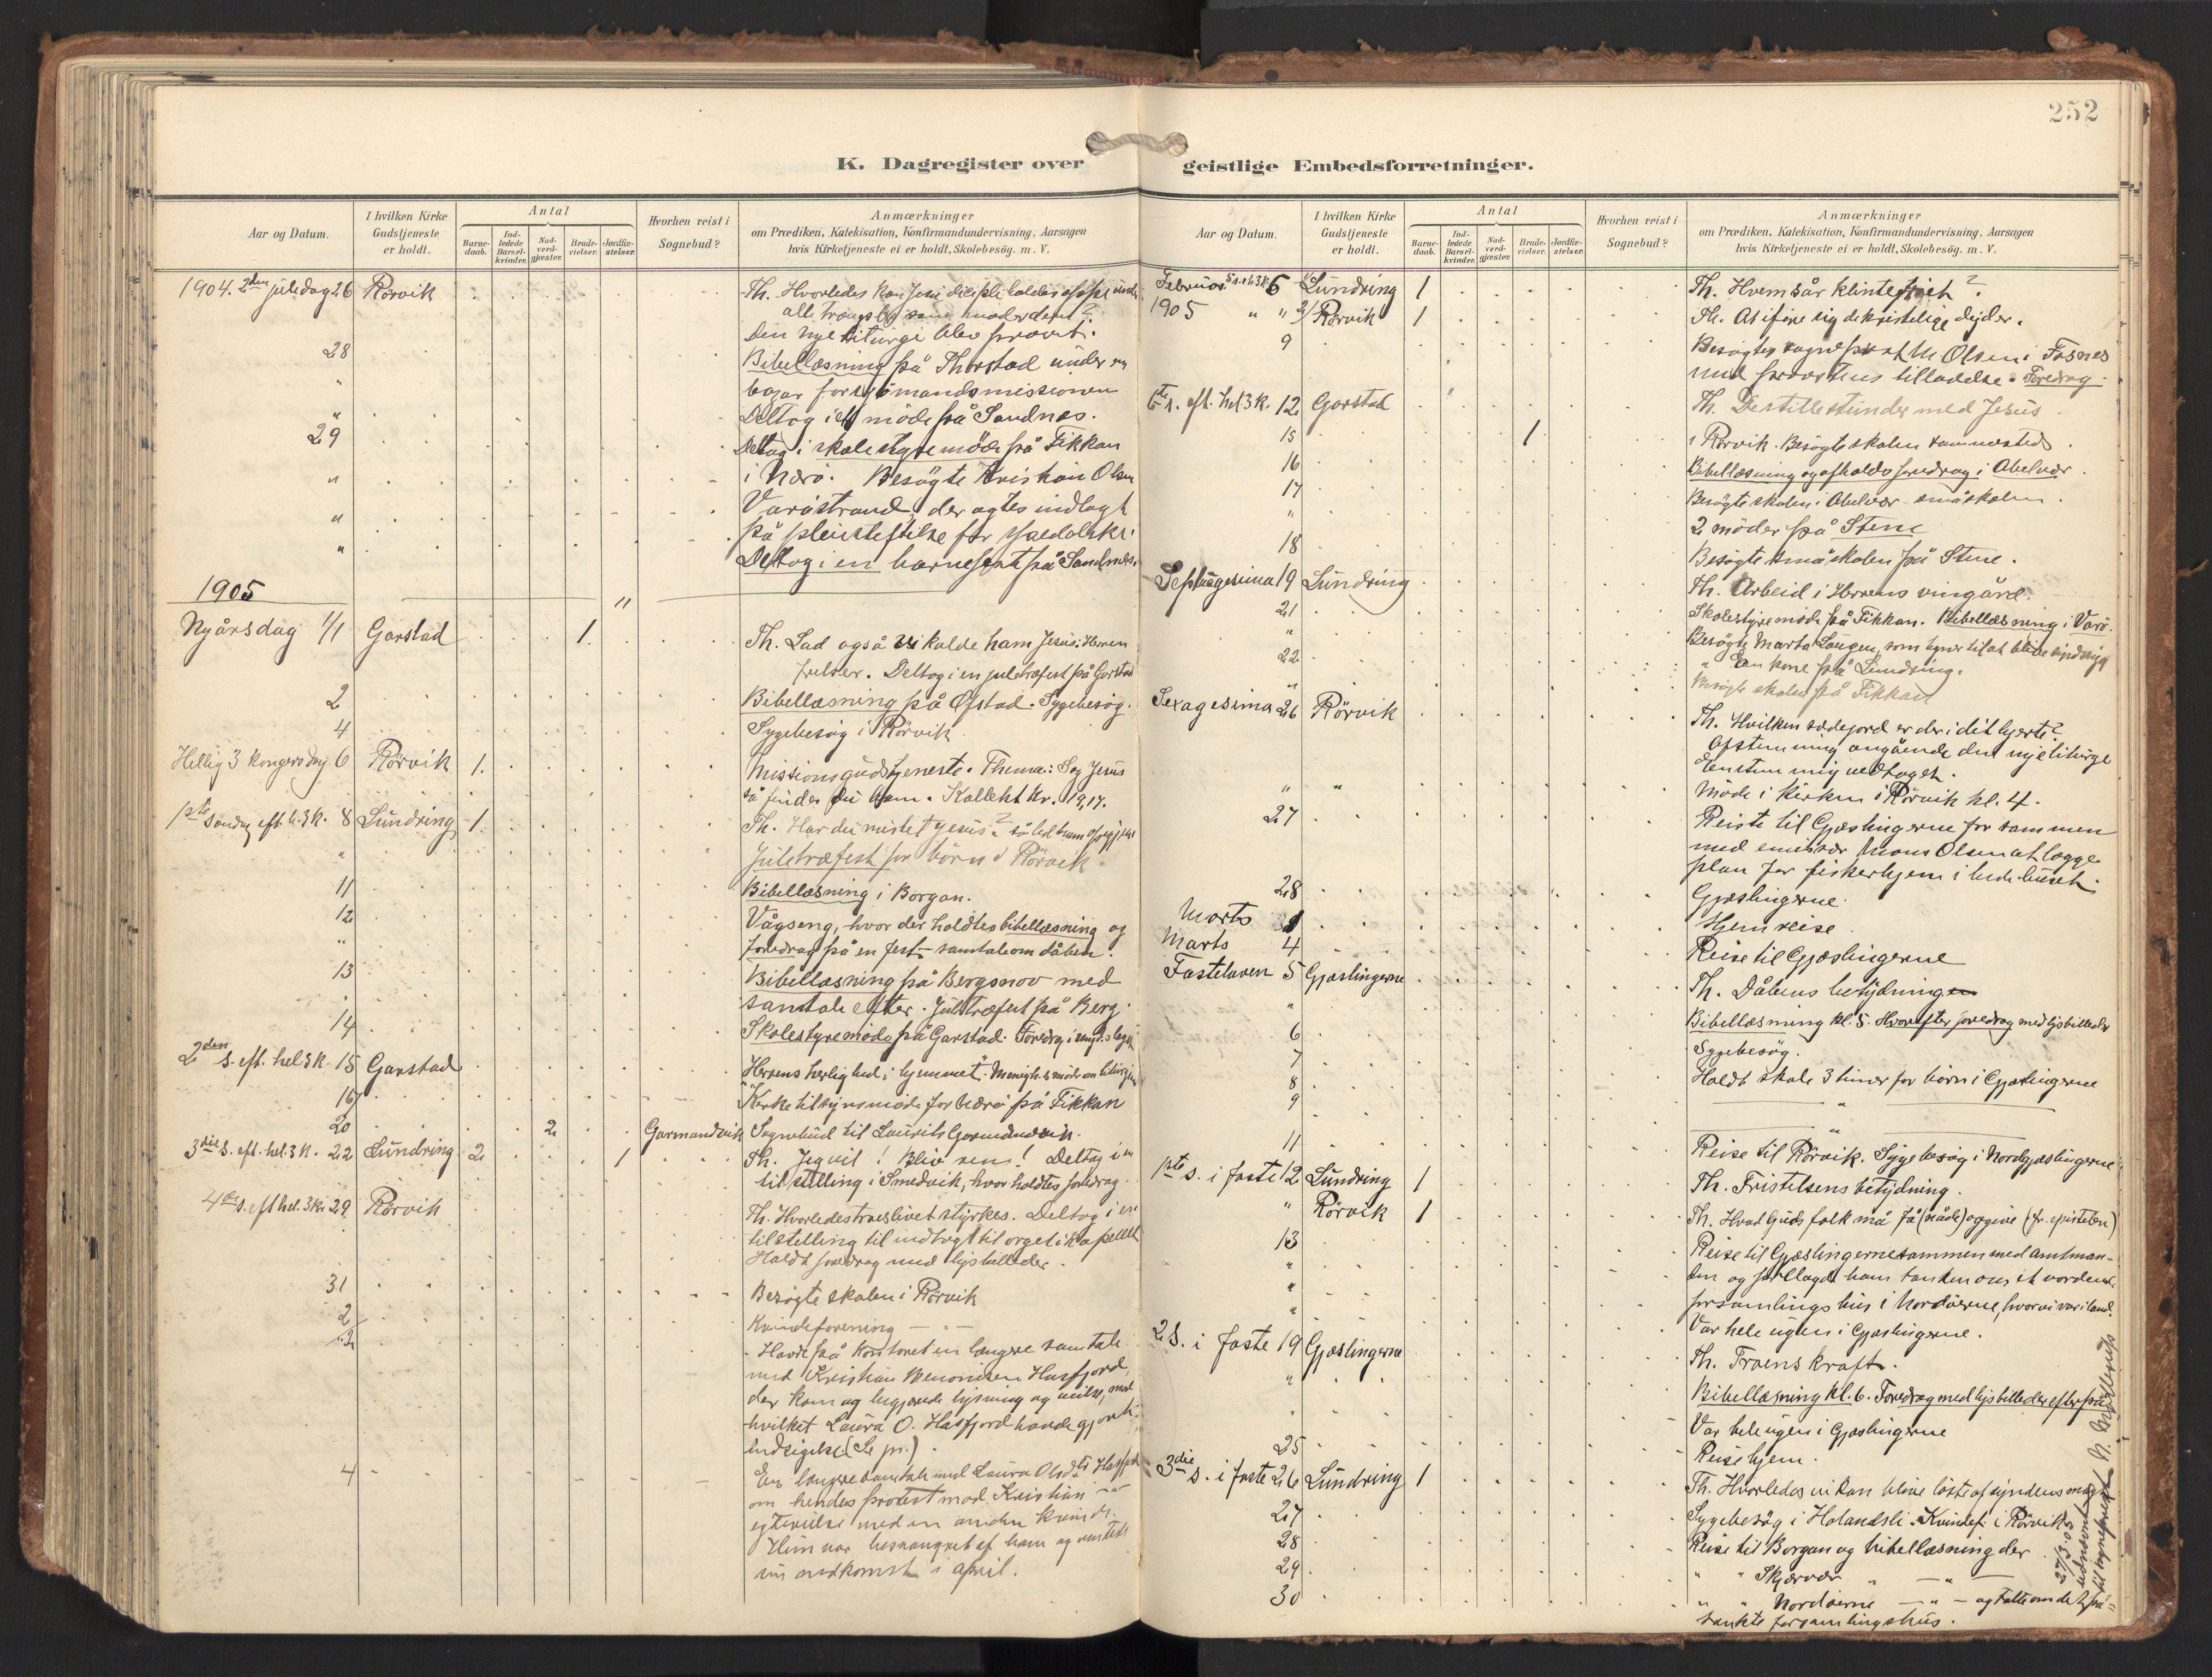 SAT, Ministerialprotokoller, klokkerbøker og fødselsregistre - Nord-Trøndelag, 784/L0677: Ministerialbok nr. 784A12, 1900-1920, s. 252